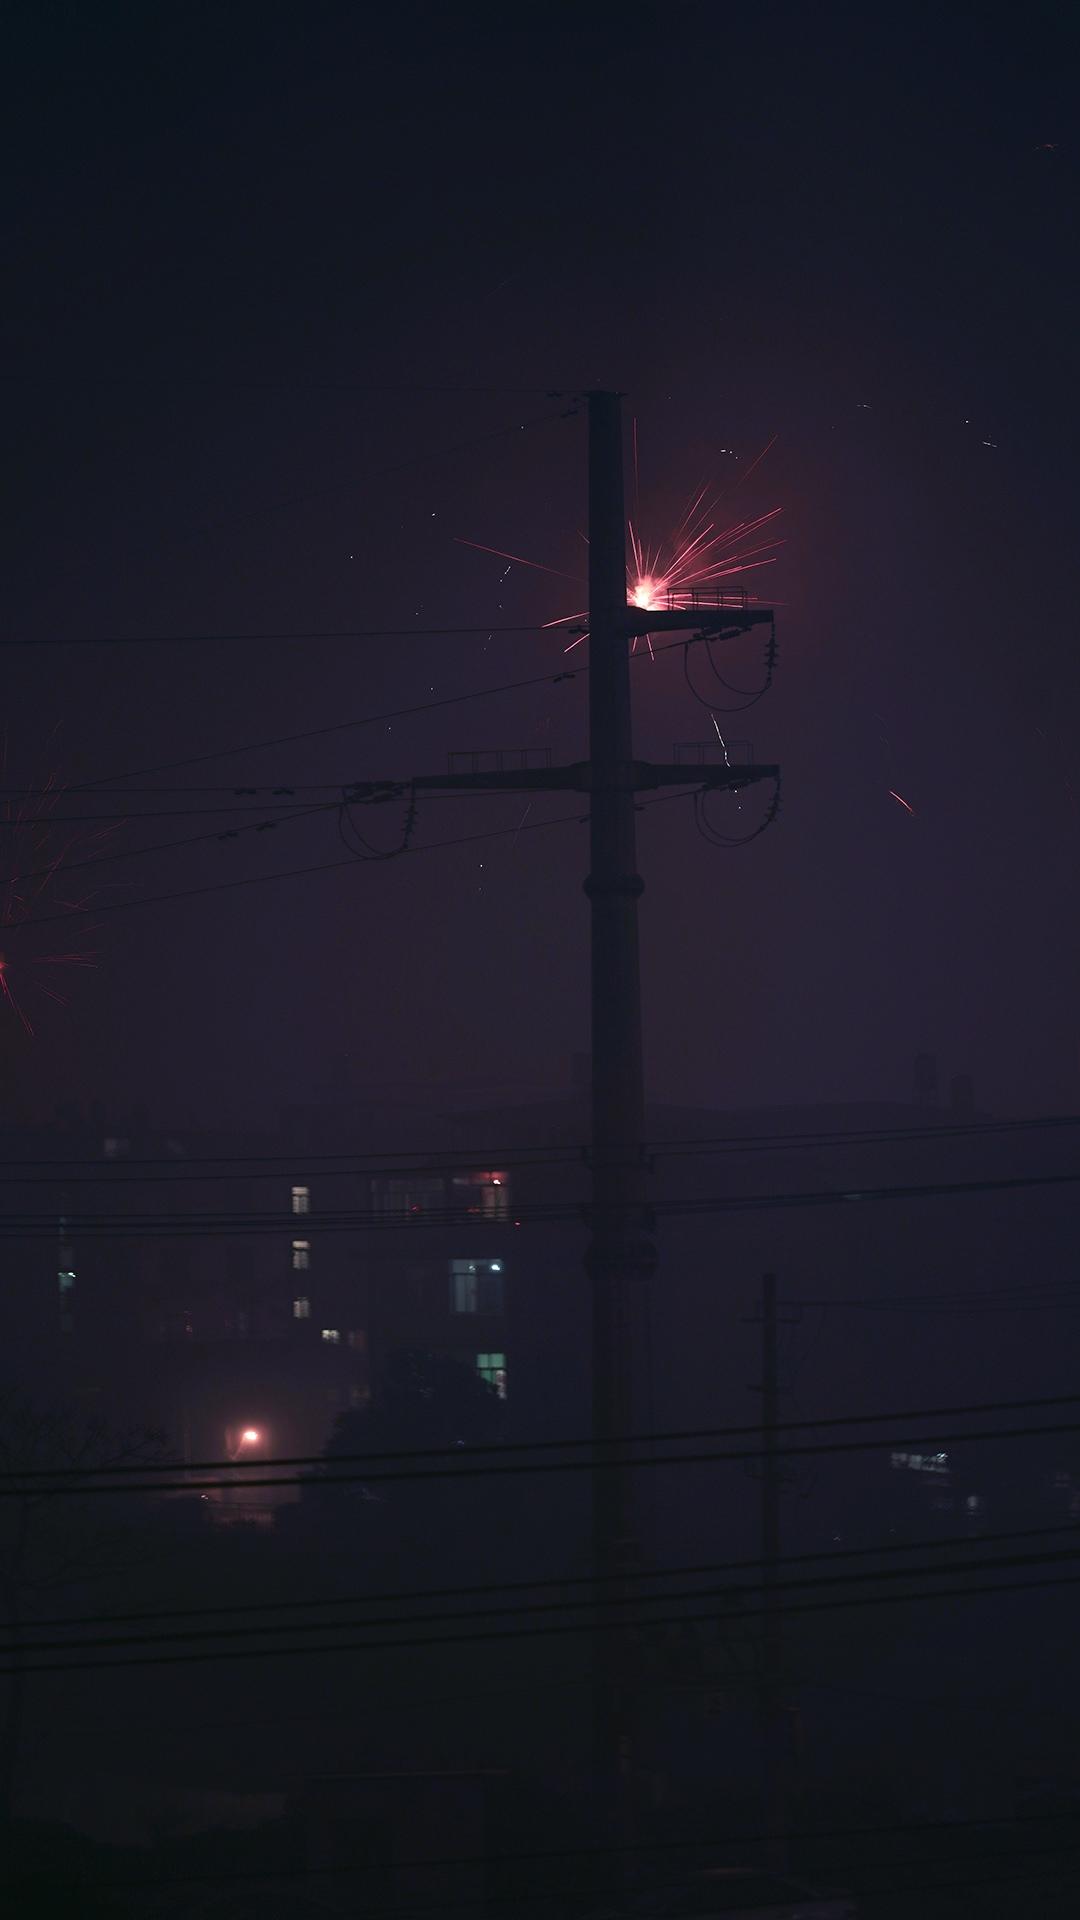 夜空中的绚烂烟花美景